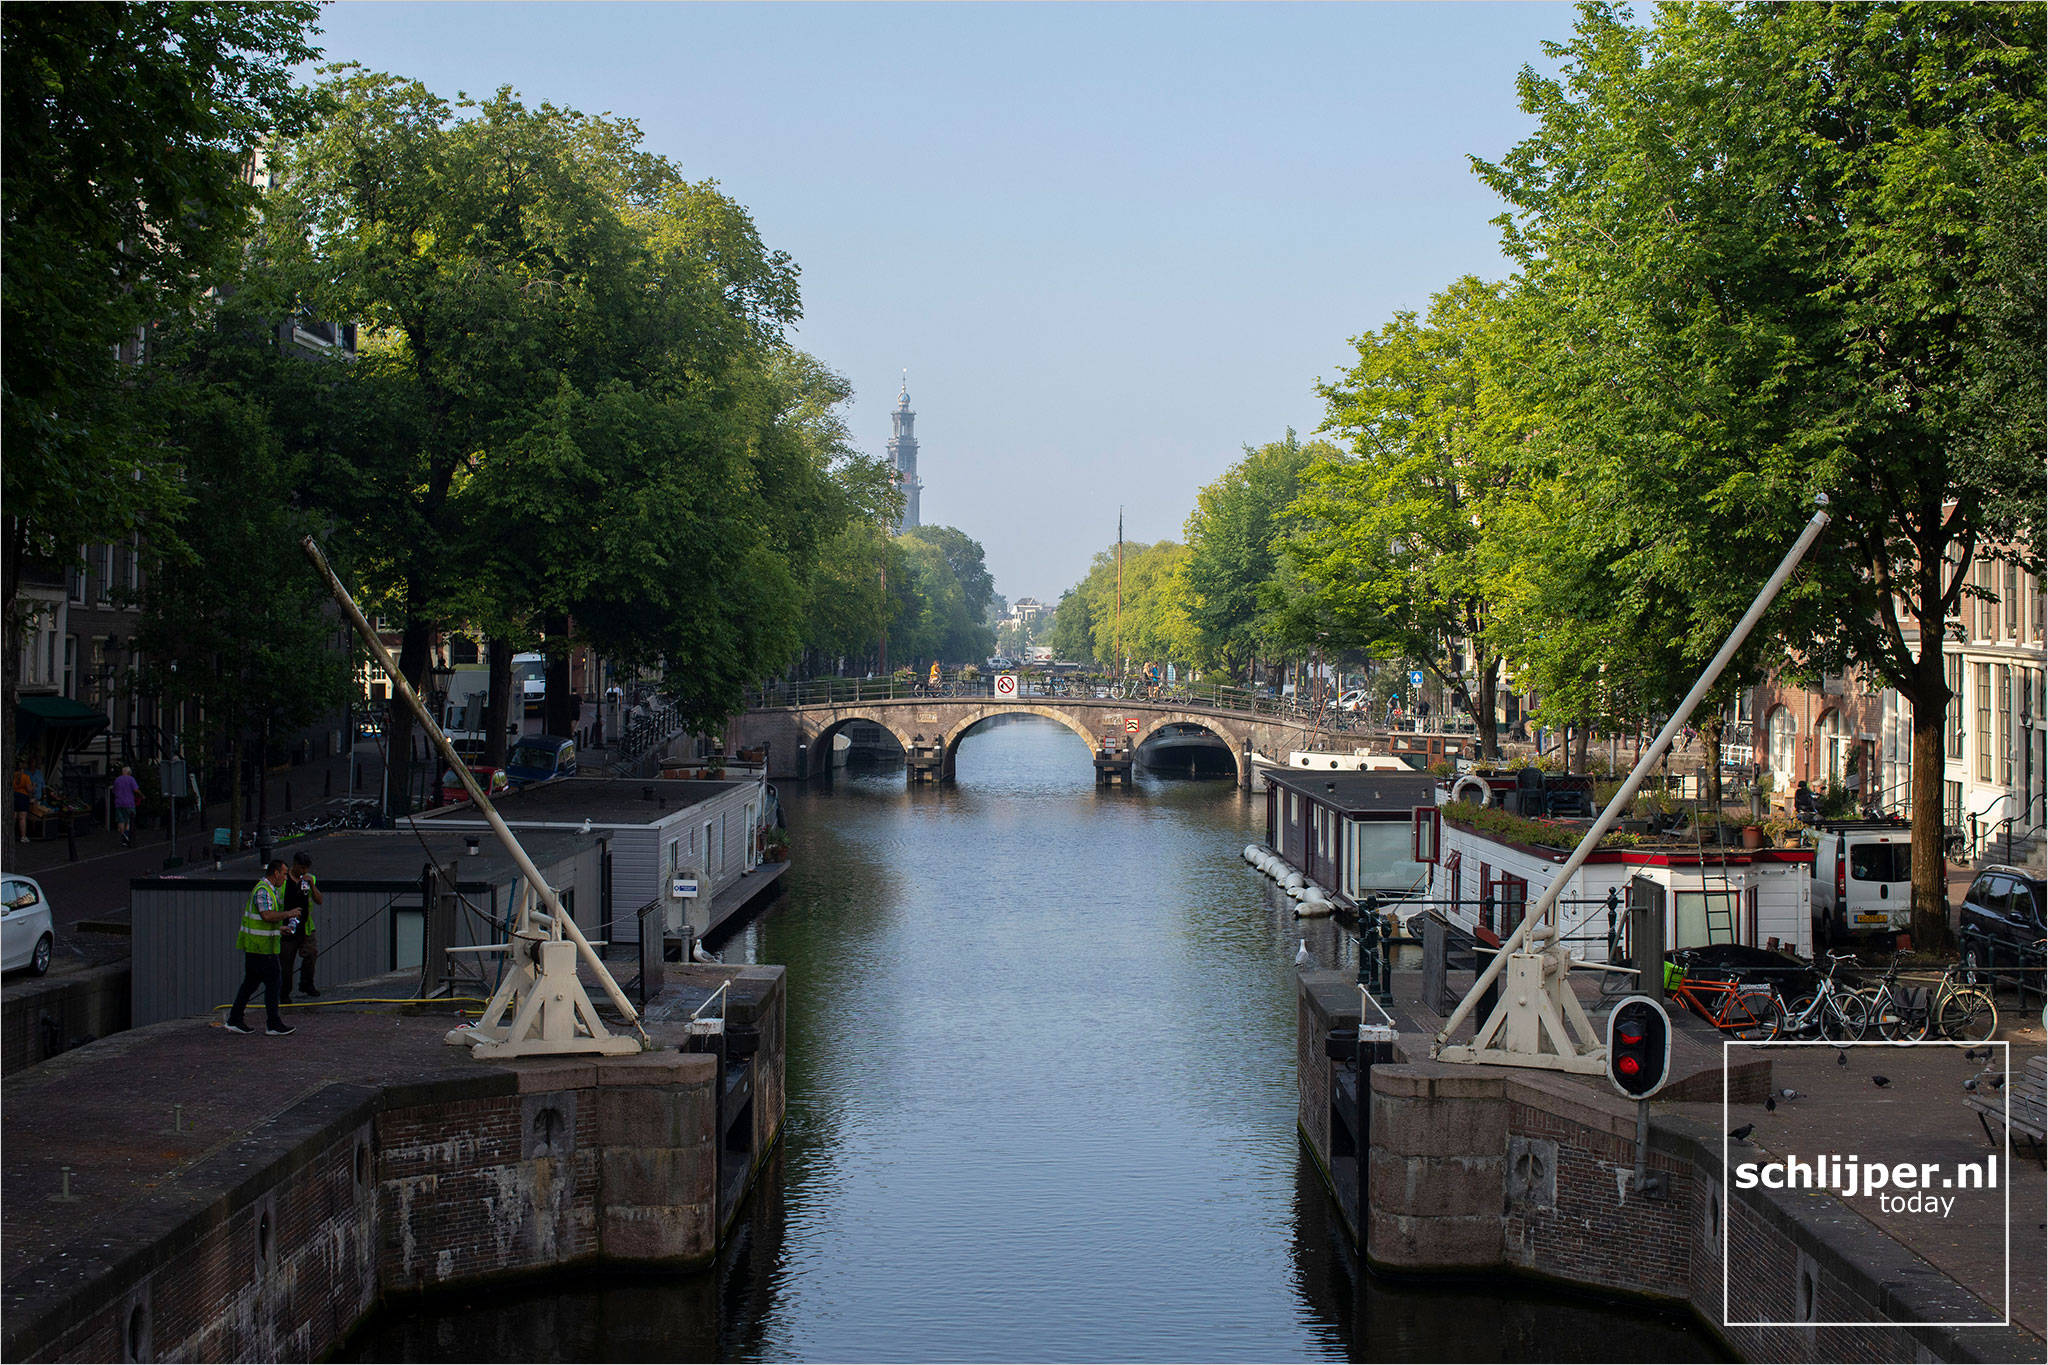 Nederland, Amsterdam, 14 augustus 2020